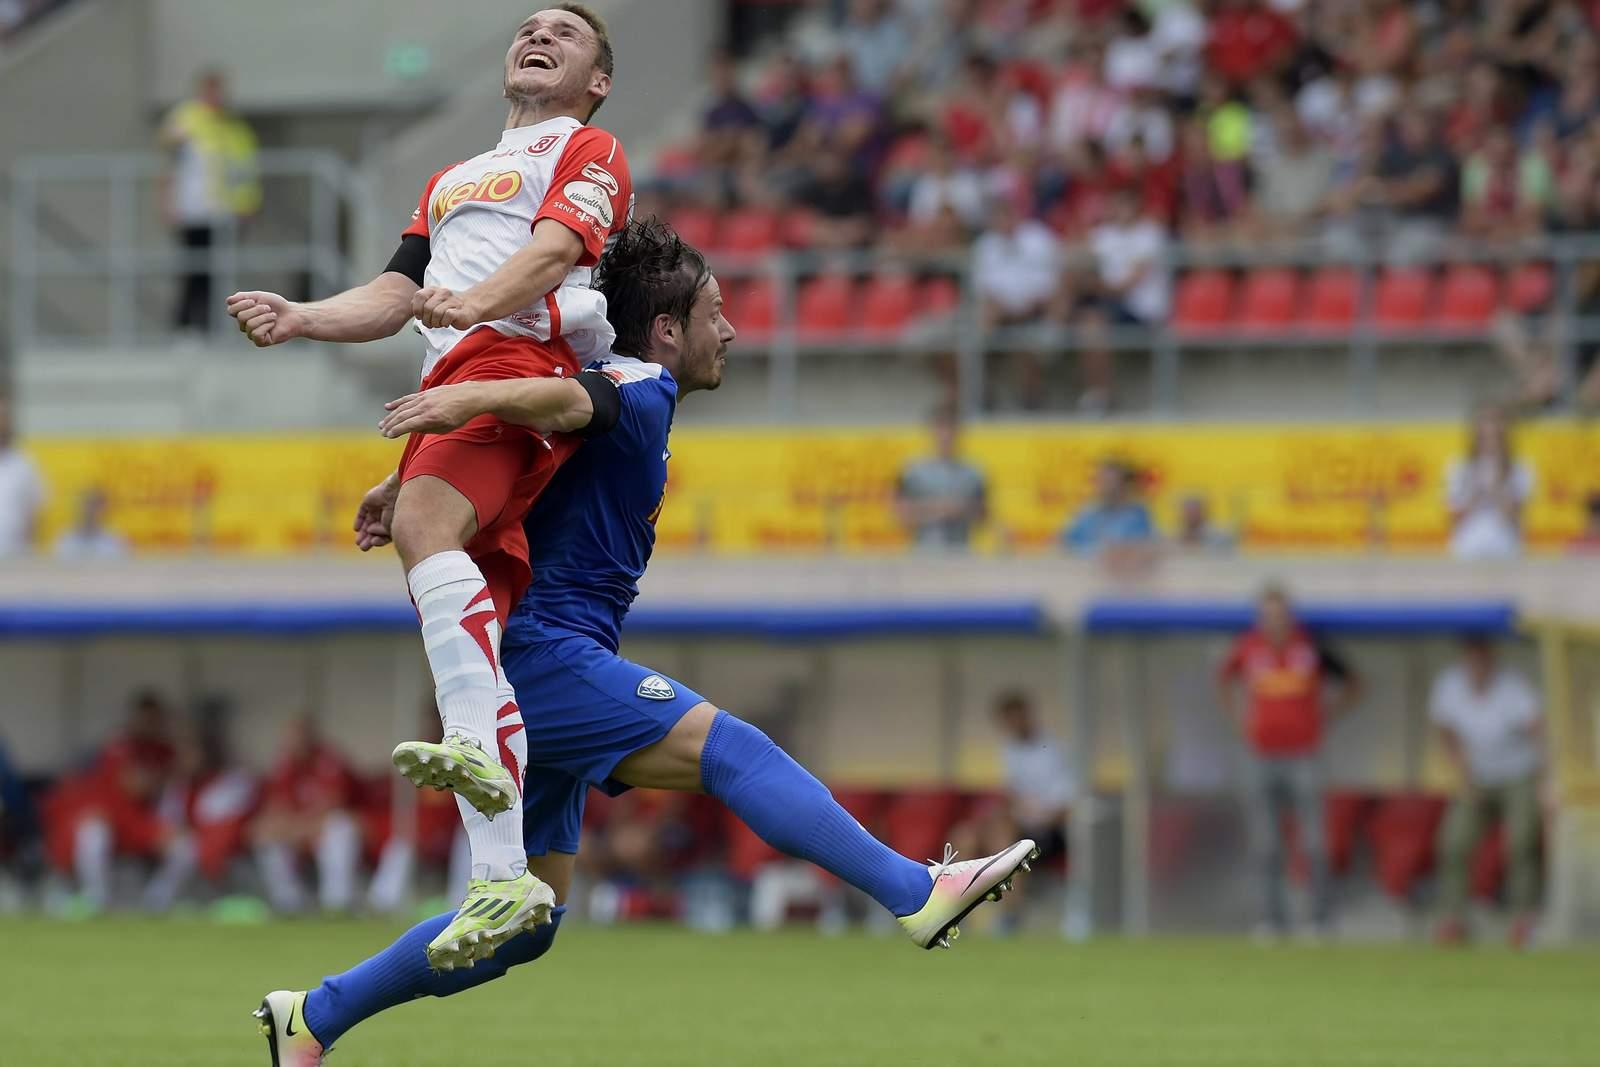 Andreas Geipl im Duell mit Stefano Celozzi. Jetzt auf Bochum gegen Regensburg wetten.